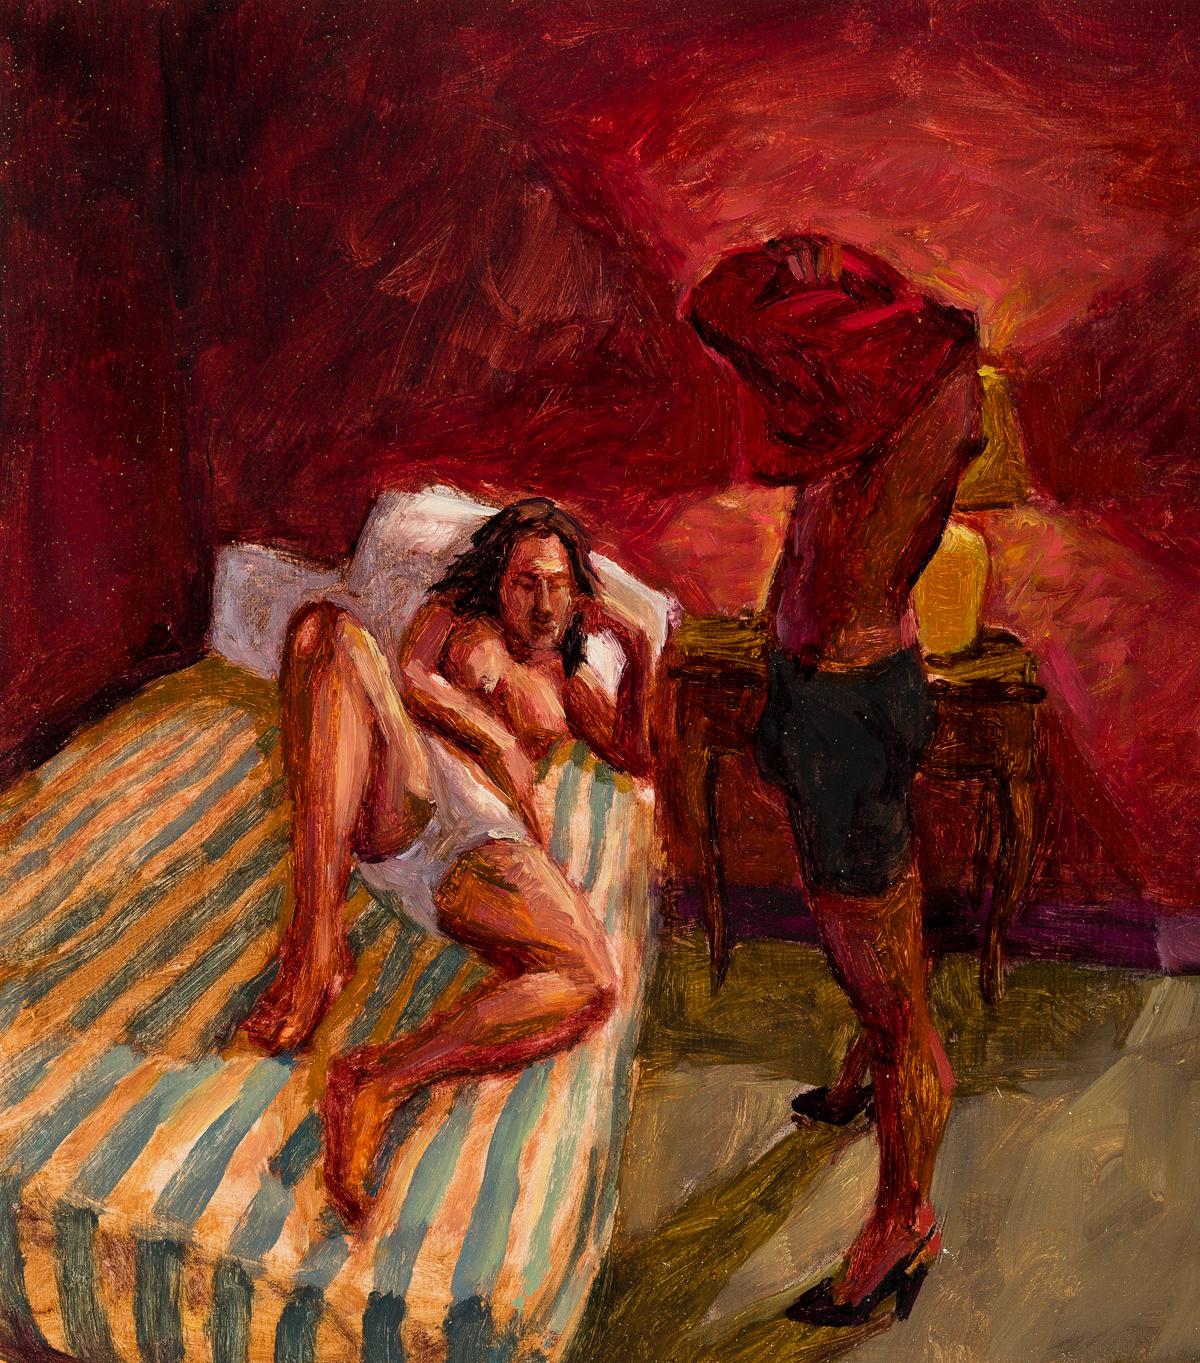 HUGH STEERS (1962-1995) Two oils on paper.